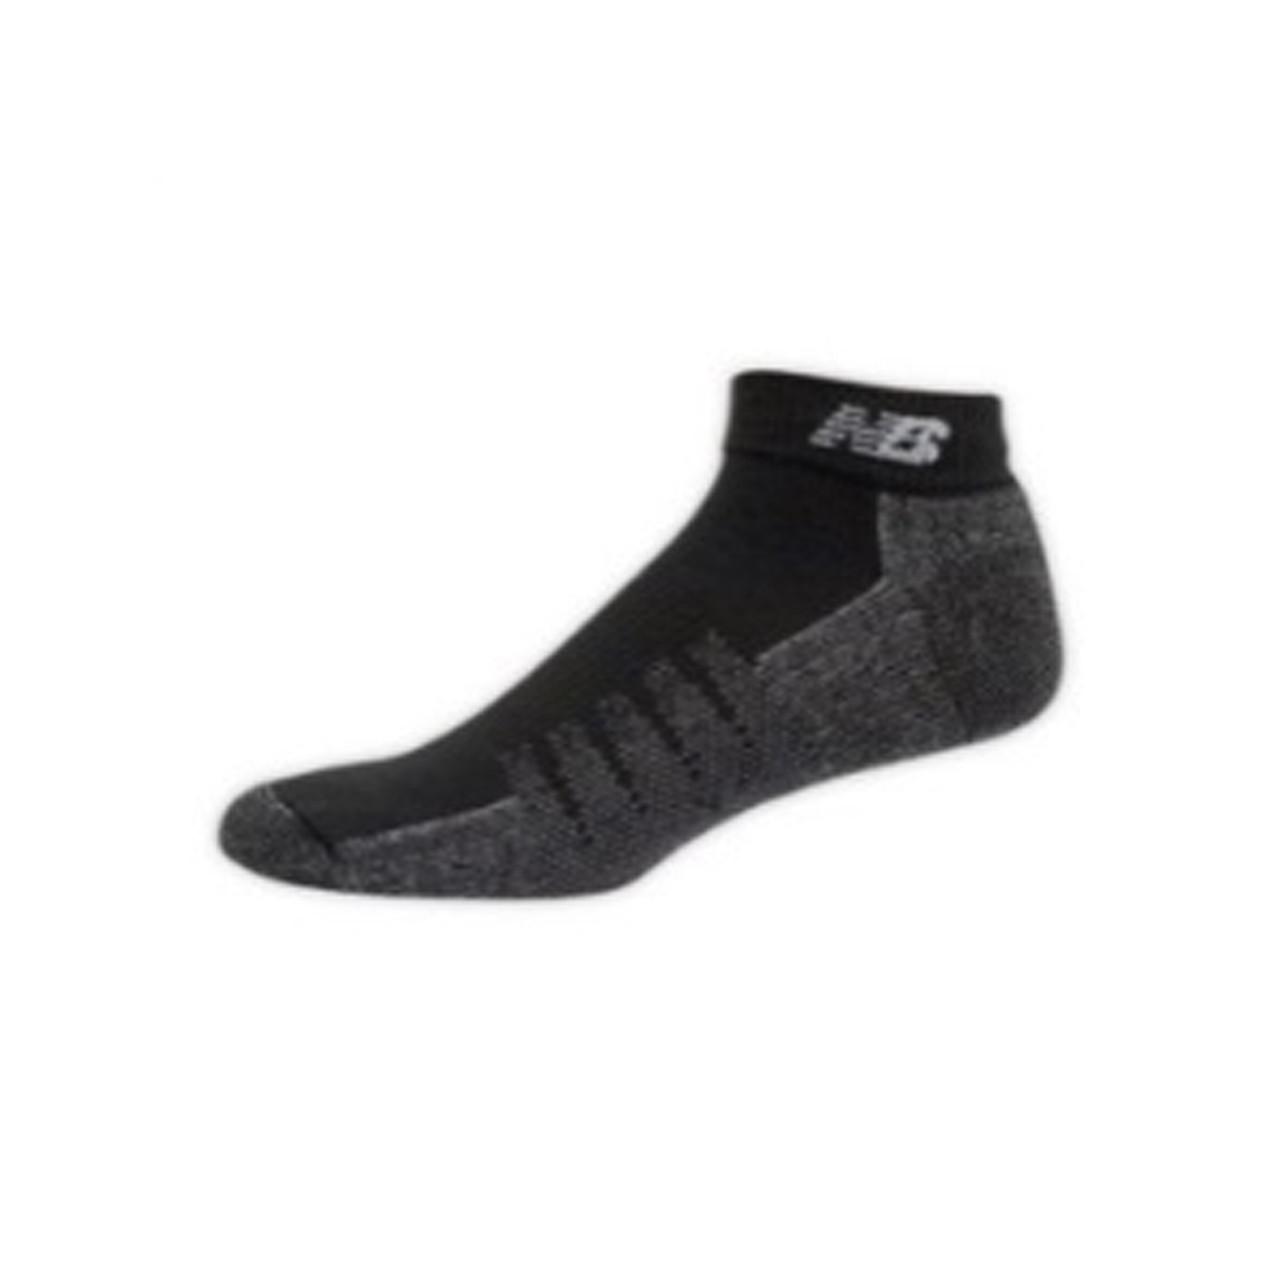 e4d5b5d97ceed New Balance Men's 2 Pack Technical Elite Coolmax Low Cut Socks Black - Shop  now @